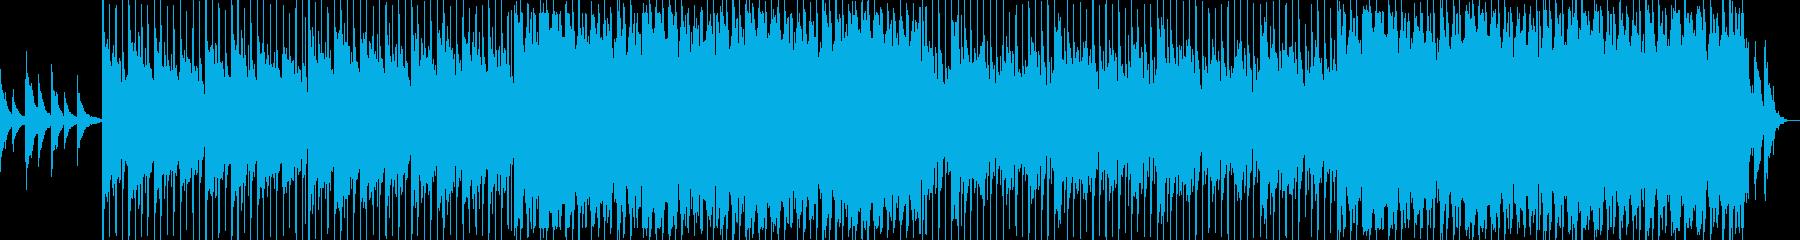 明るく落ち着きのあるギターポップの再生済みの波形